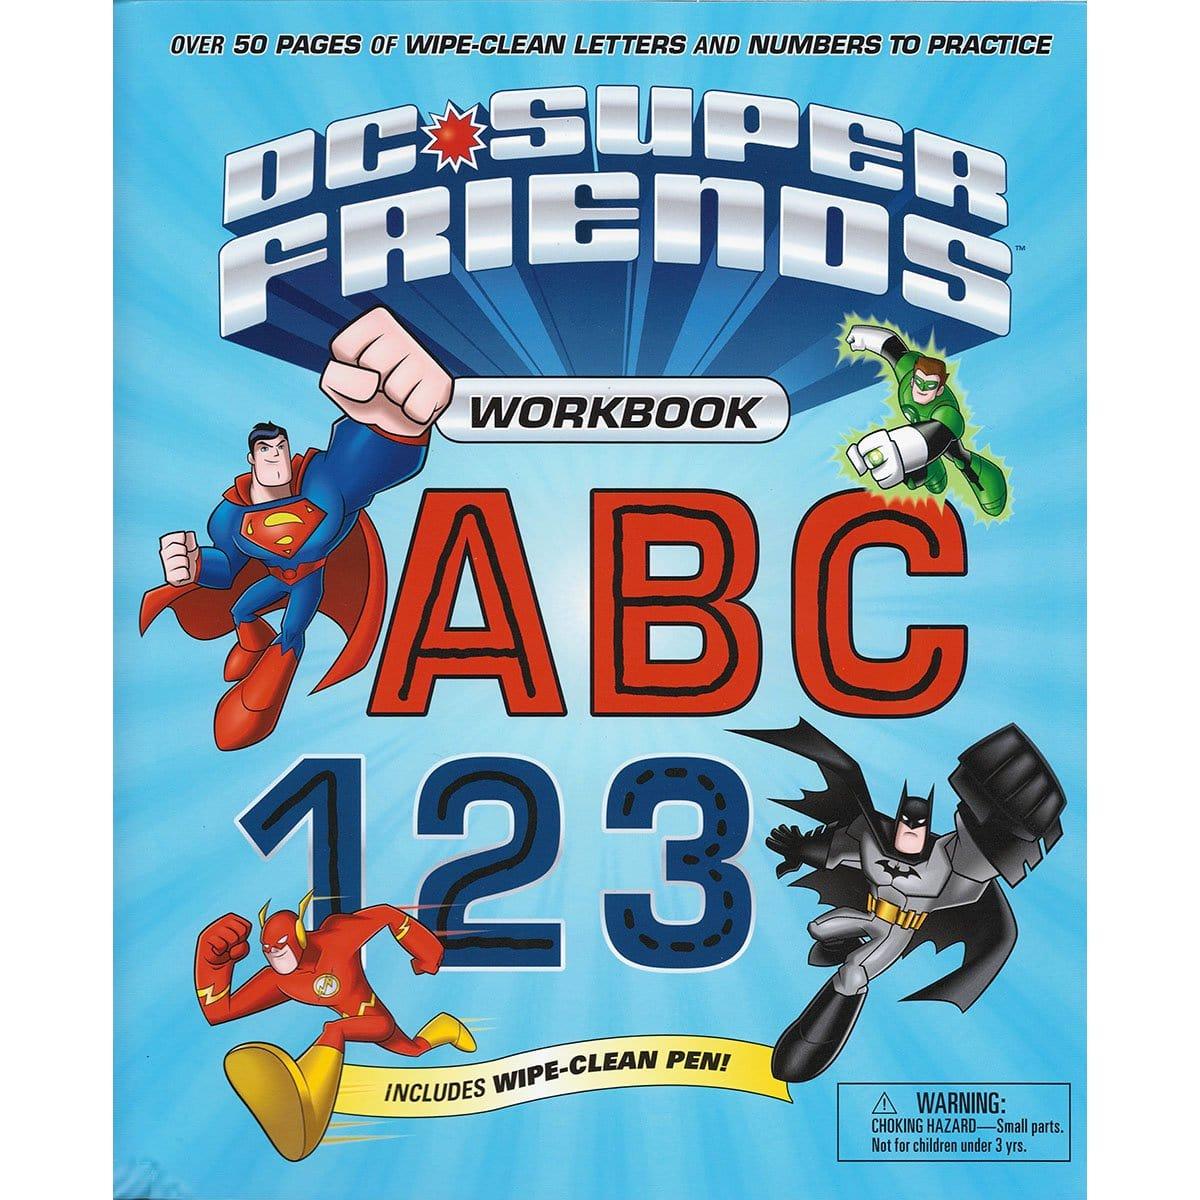 DC Super Friends Workbook ABC 123